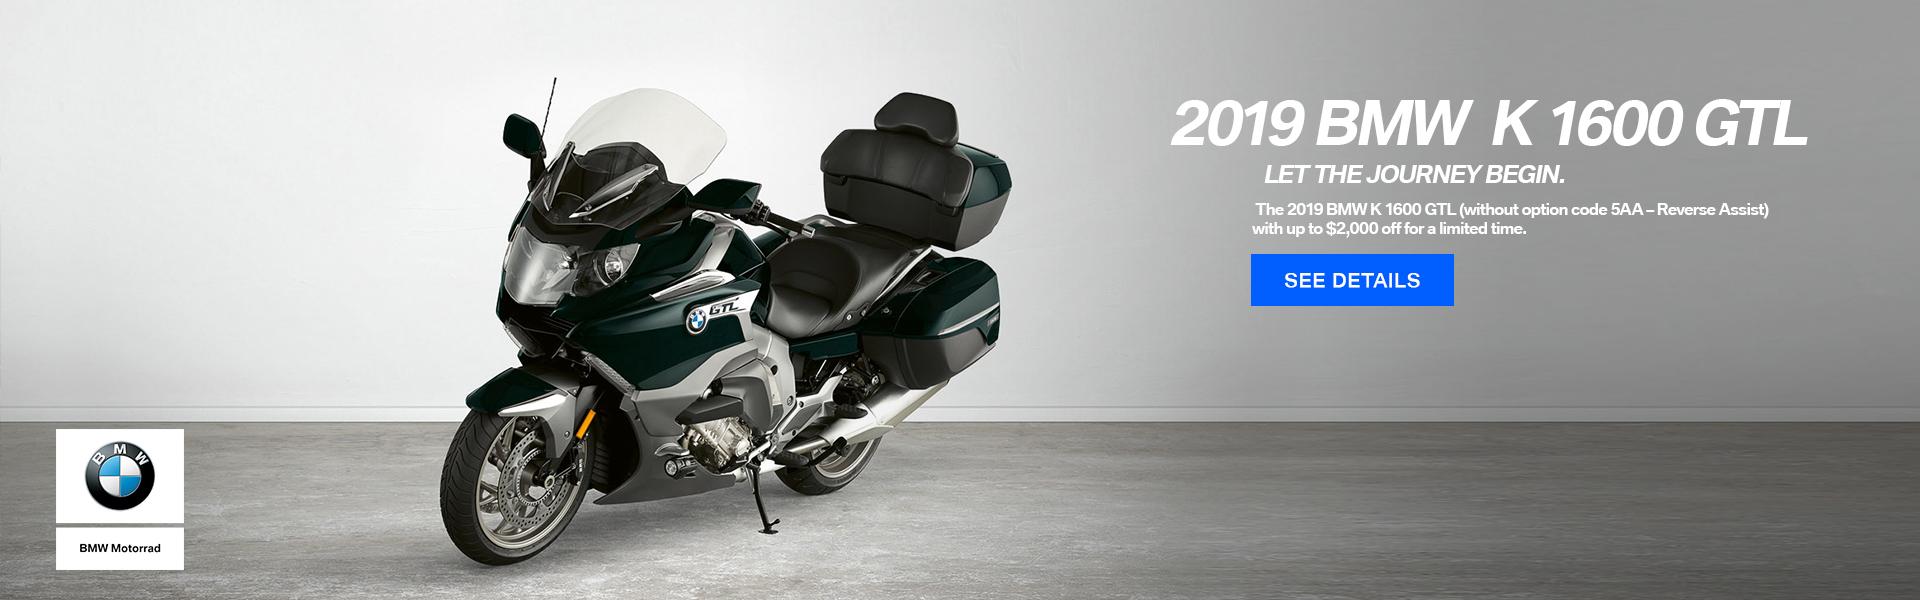 2019 BMW K 1600 GTL